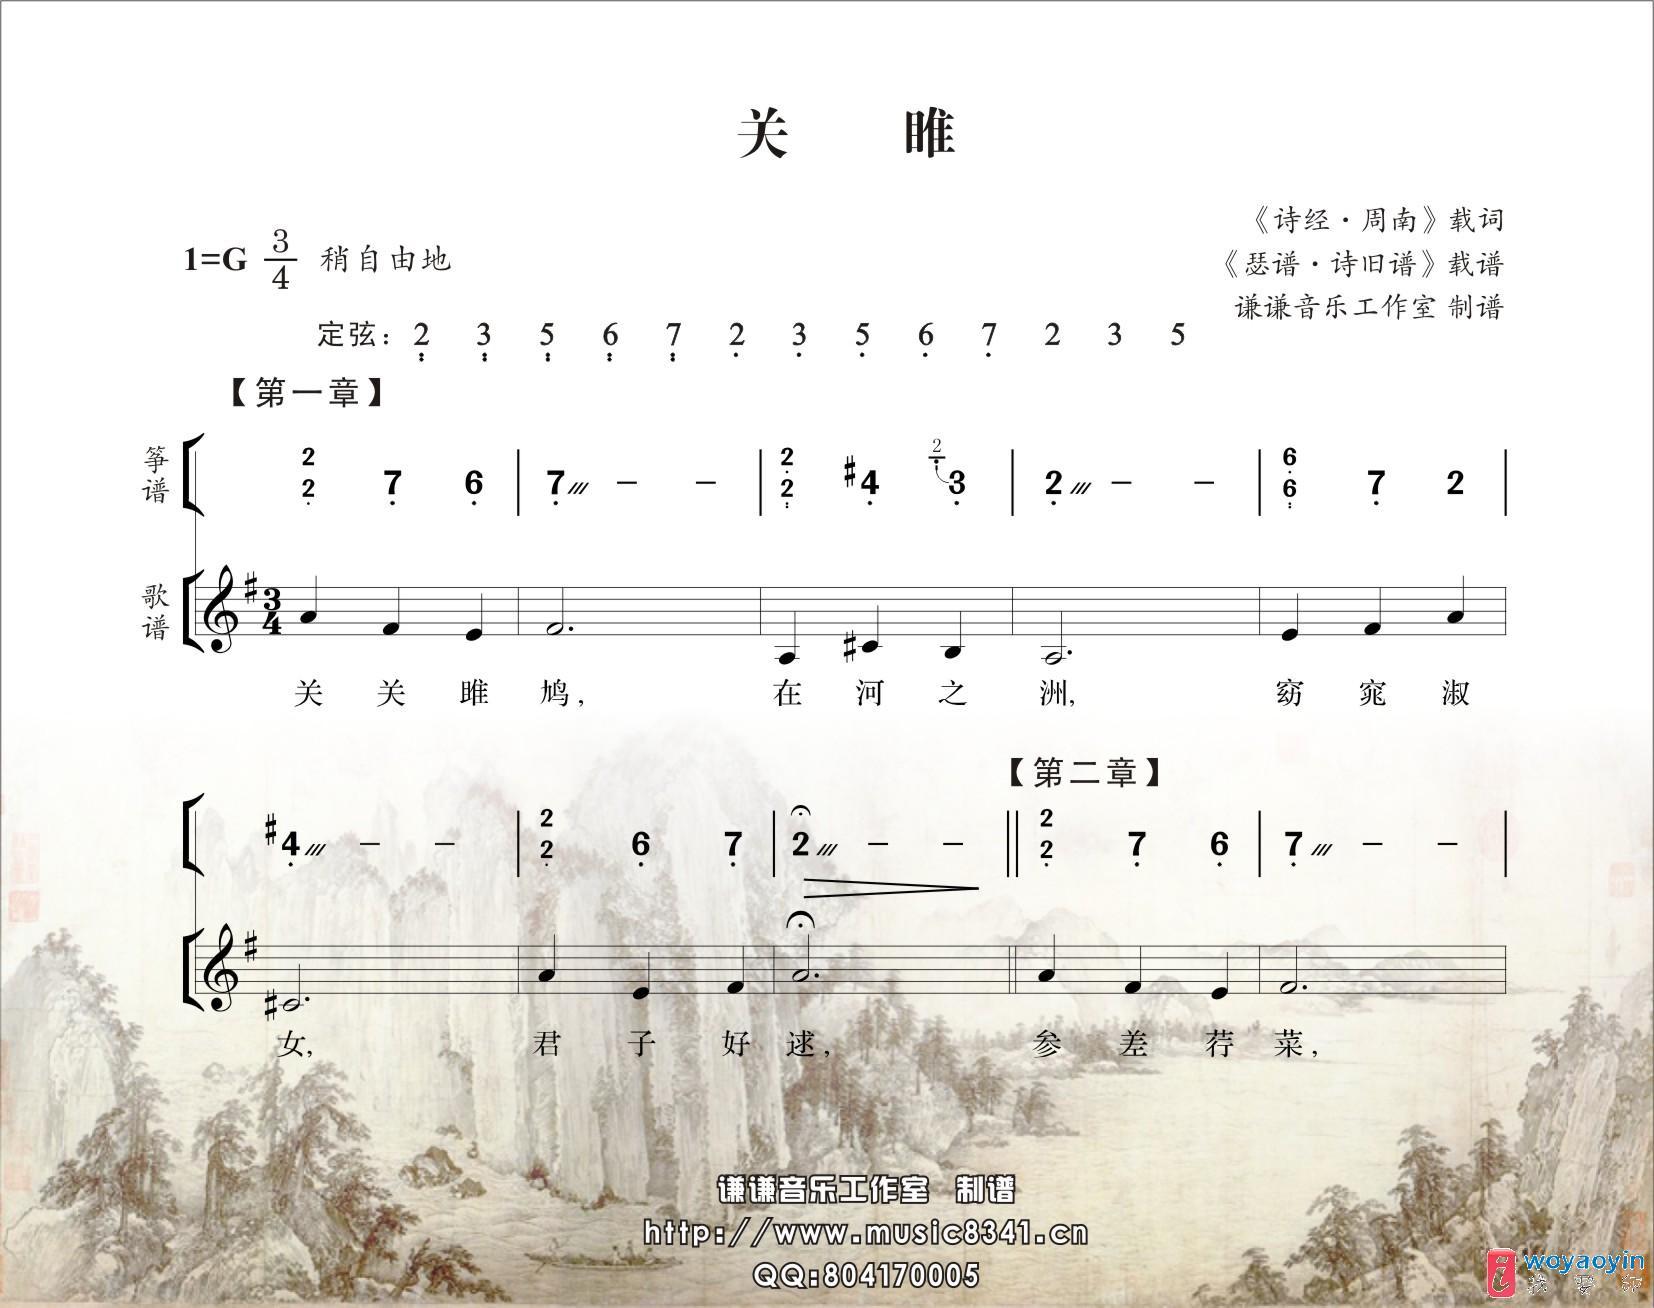 茉莉花高音萨克斯独奏简谱